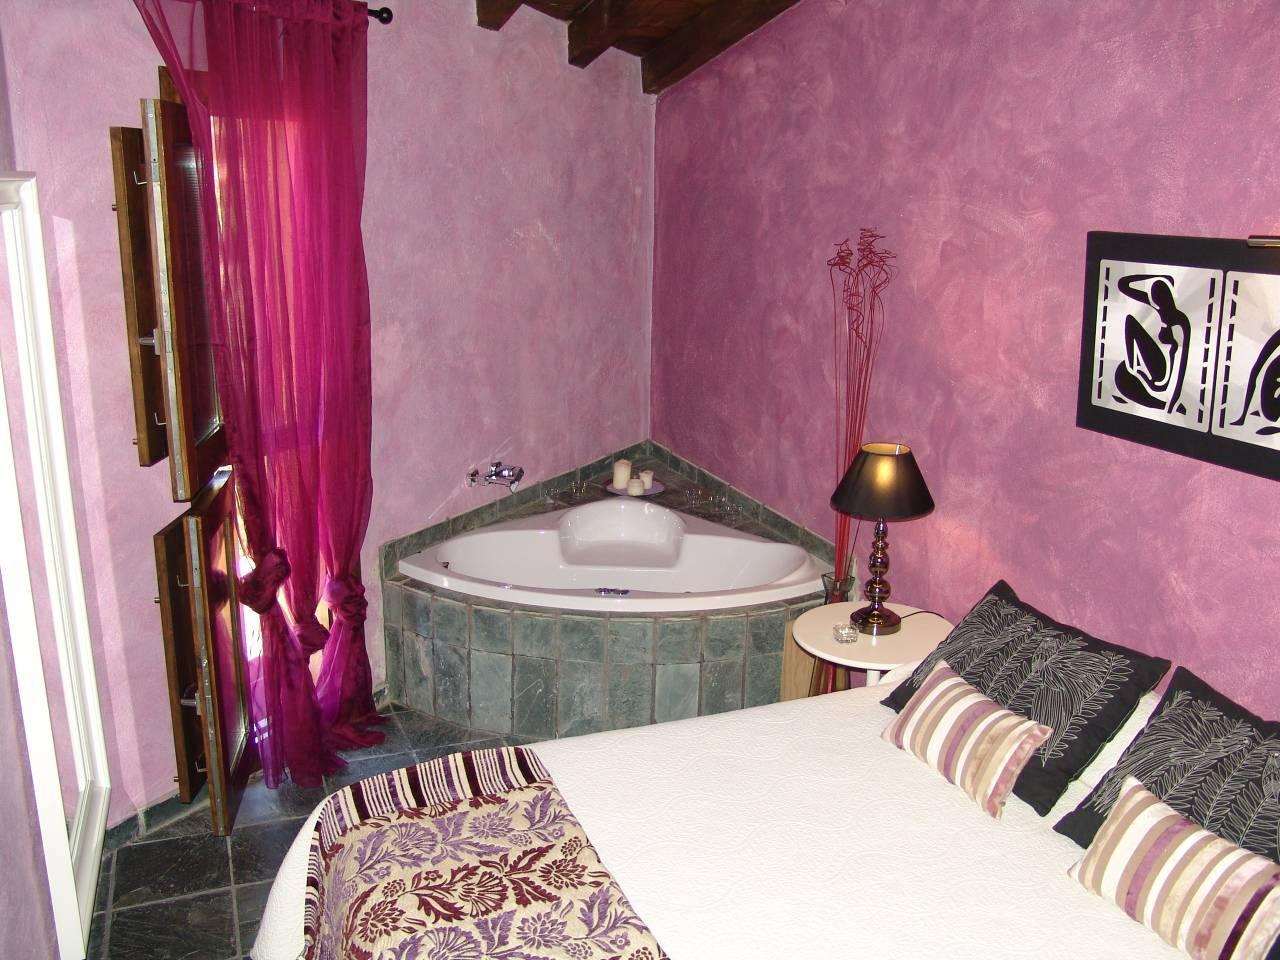 Alquiler vacaciones en Robledillo de Gata, Cáceres